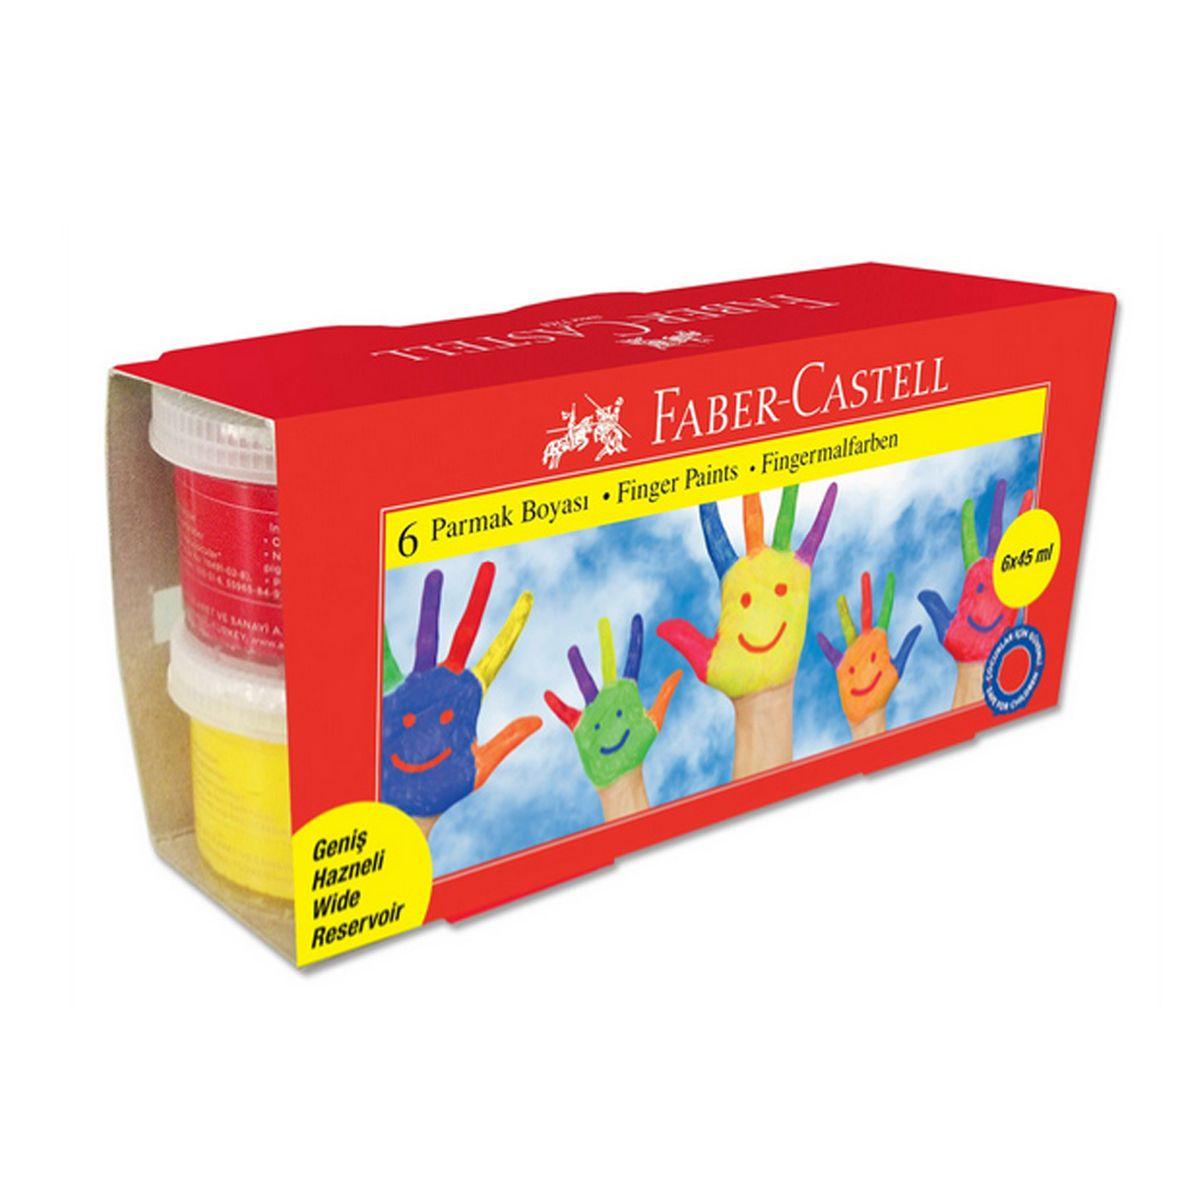 Faber-Castell Краски пальчиковые 6 цветовPP-219Пальчиковые краски Faber-Castell выполнены на основе натуральных, экологически чистых компонентов и нетоксичны. В процессе творчества у малыша развивается мелкая моторика и образное мышление. Легко смываются со стекол и рук, их можно без труда отстирать с одежды. Краски прекрасно подойдут для использования на бумаге и картоне пальцем, щеткой или губкой.